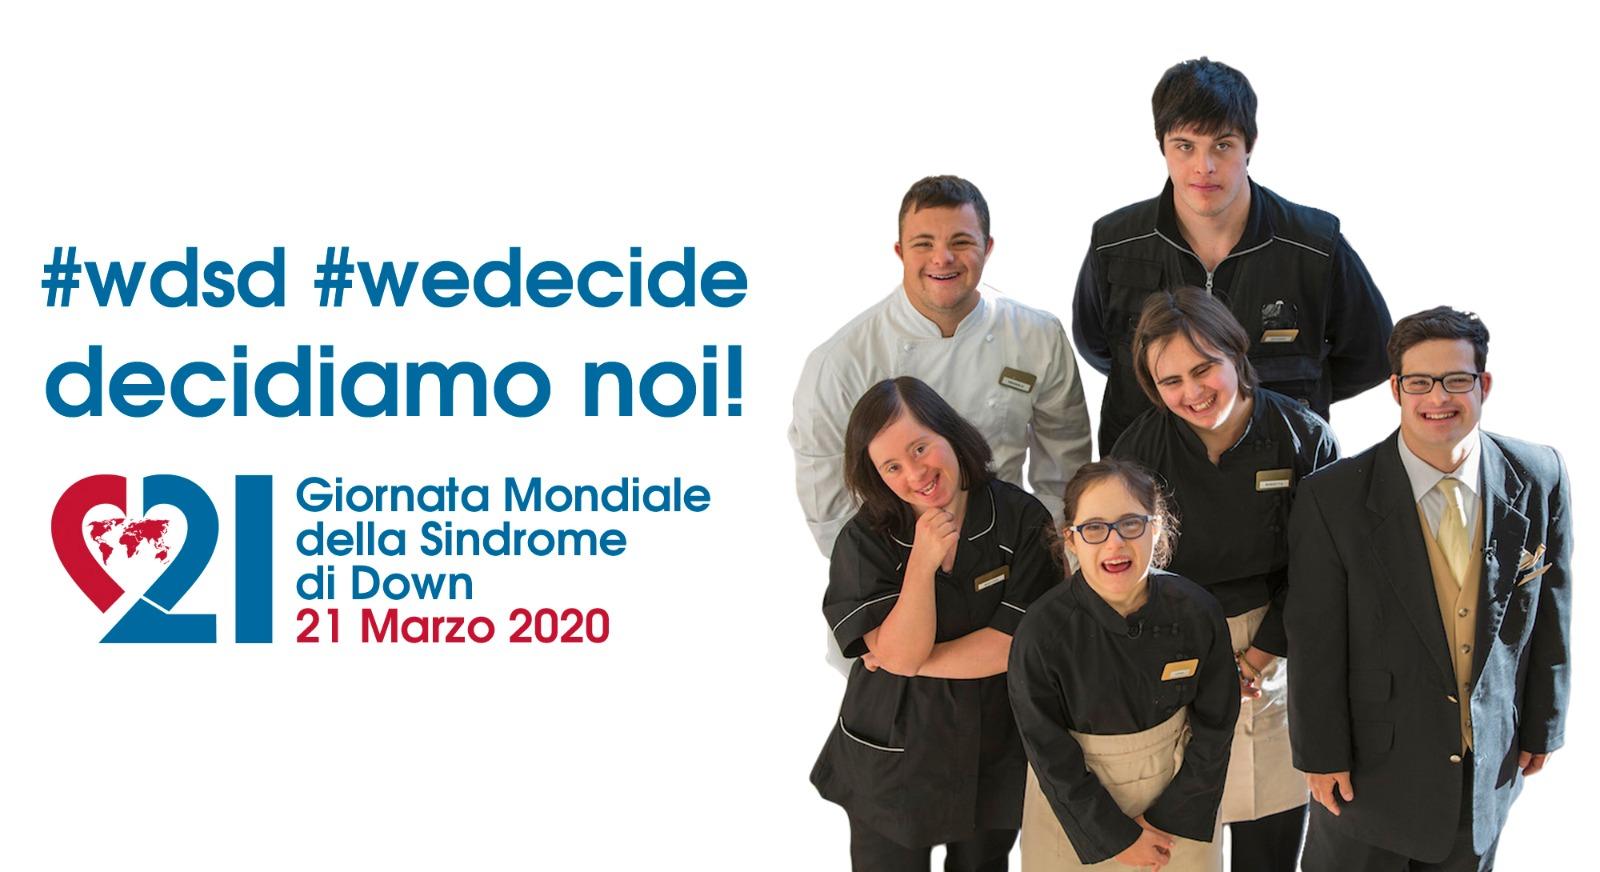 23 marzo: webinar gratuito di TuttoScuola.com per la WDSD 2020